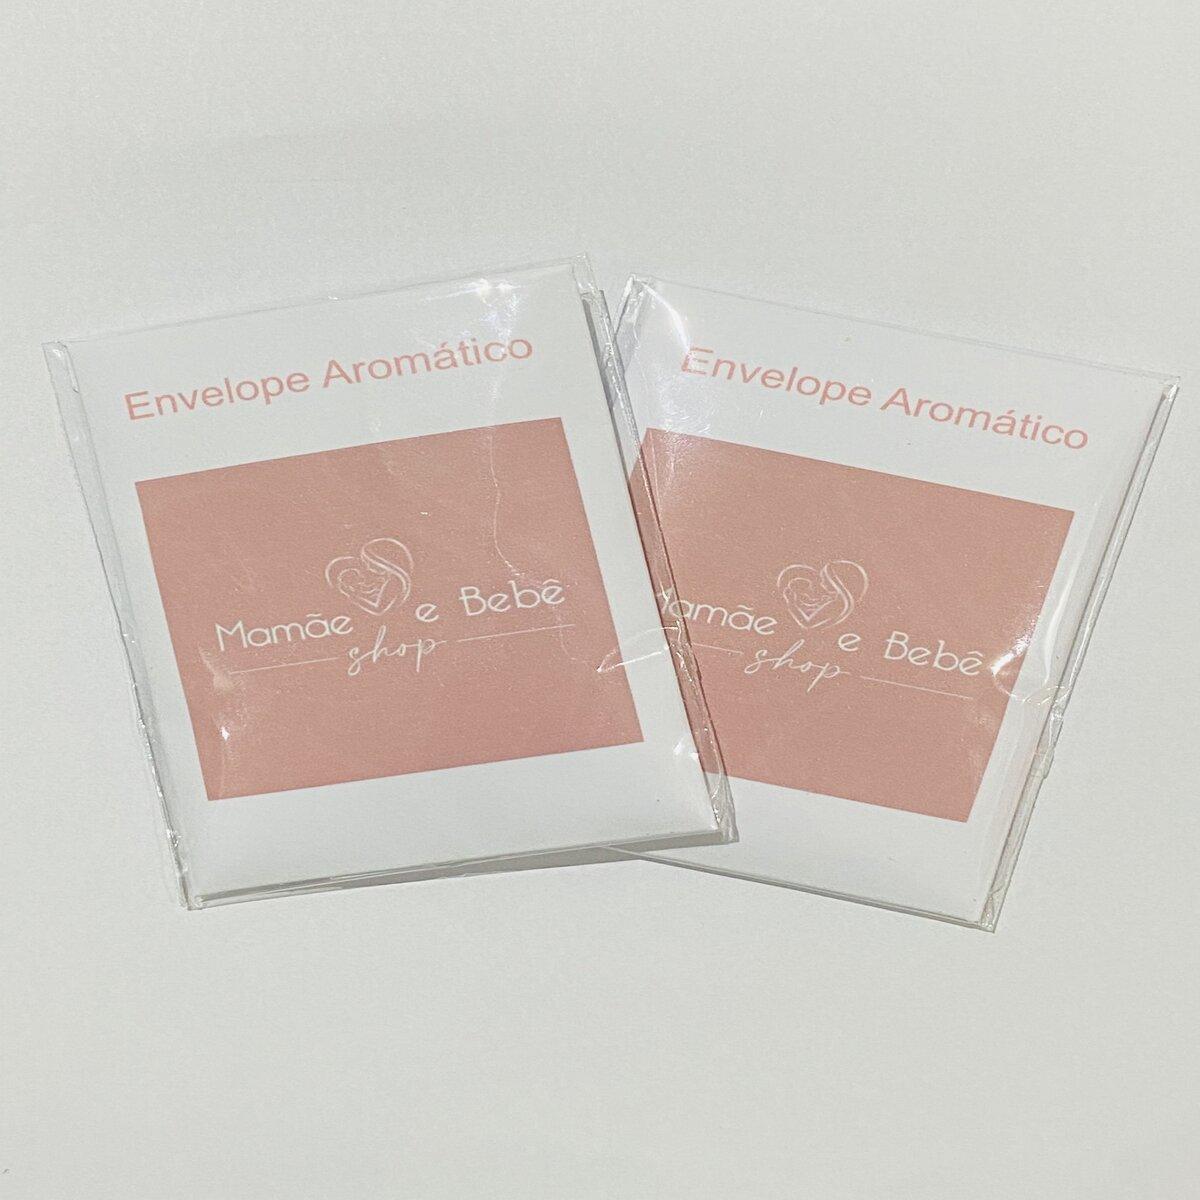 Saches Envelopes Aromaticos Para Ambientes - Aroma Fresco